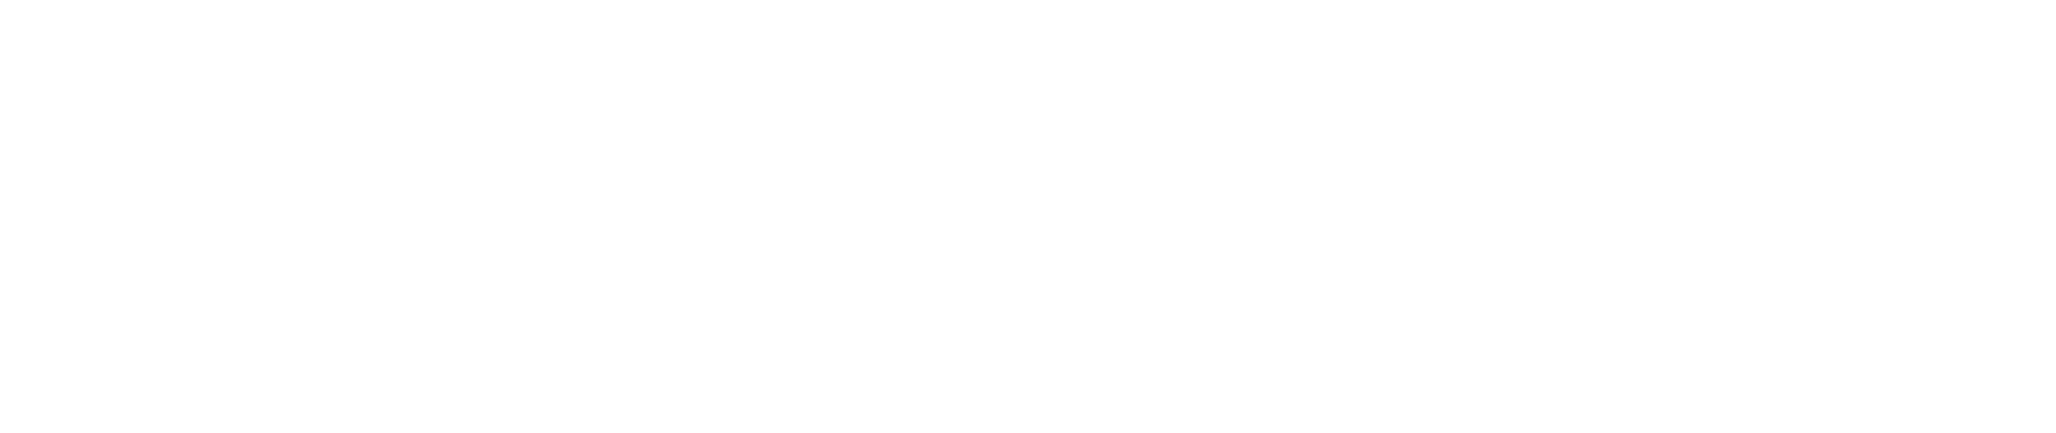 Demillo